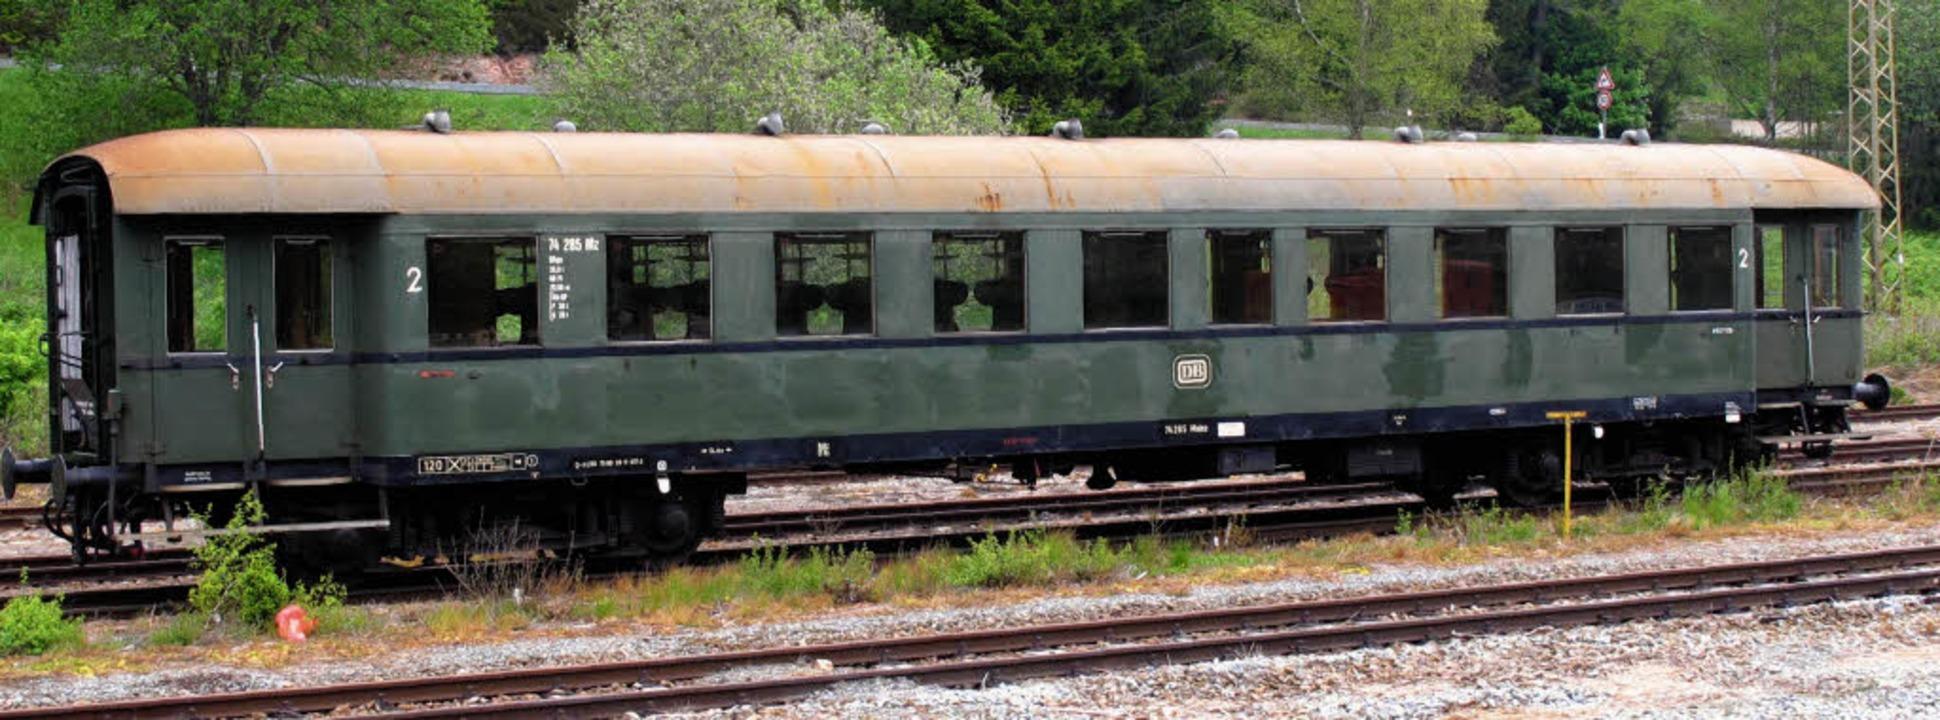 Der Eilzugwagen, der Anfang Mai in See...m August komplett  restauriert werden.  | Foto: Chris Seifried